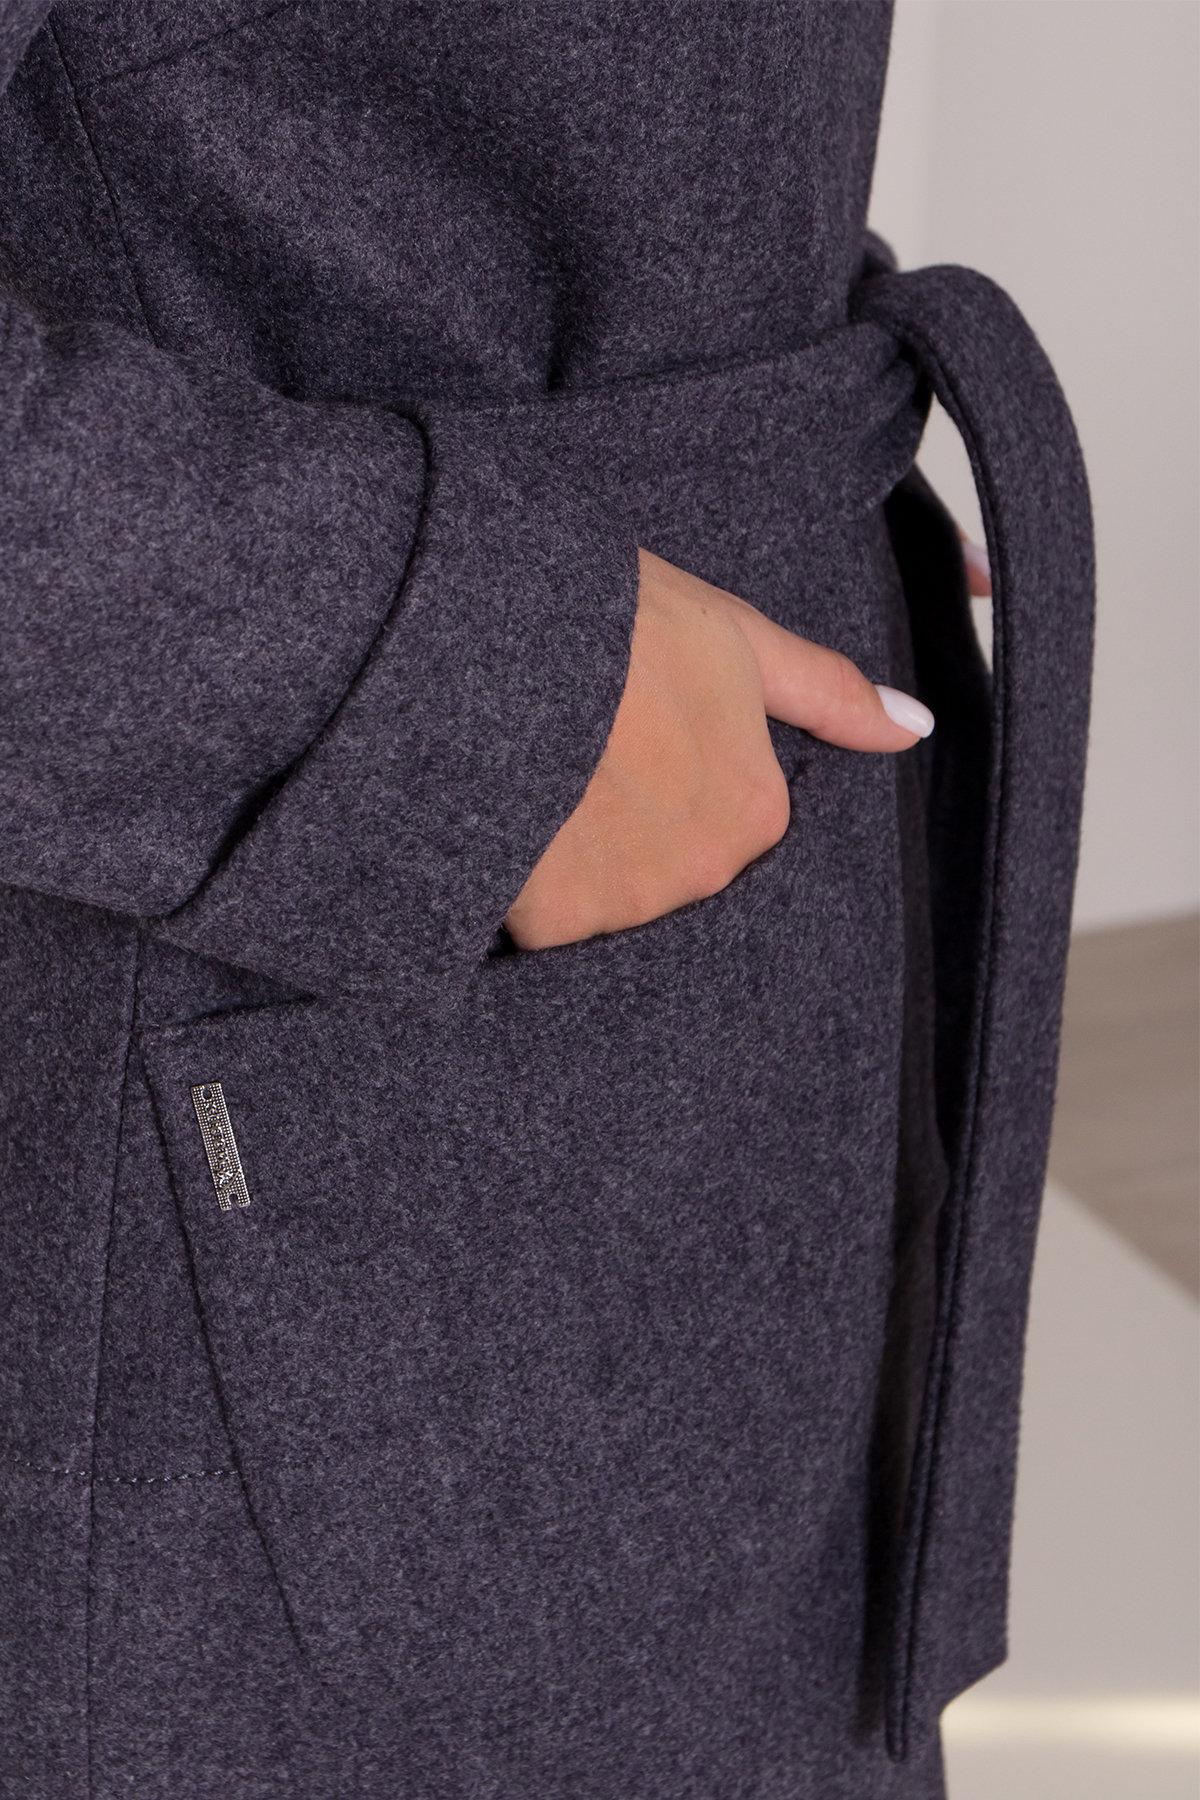 Утепленное пальто с капюшоном на зиму Анита классик 8213 АРТ. 44275 Цвет: т. синий 543 - фото 6, интернет магазин tm-modus.ru